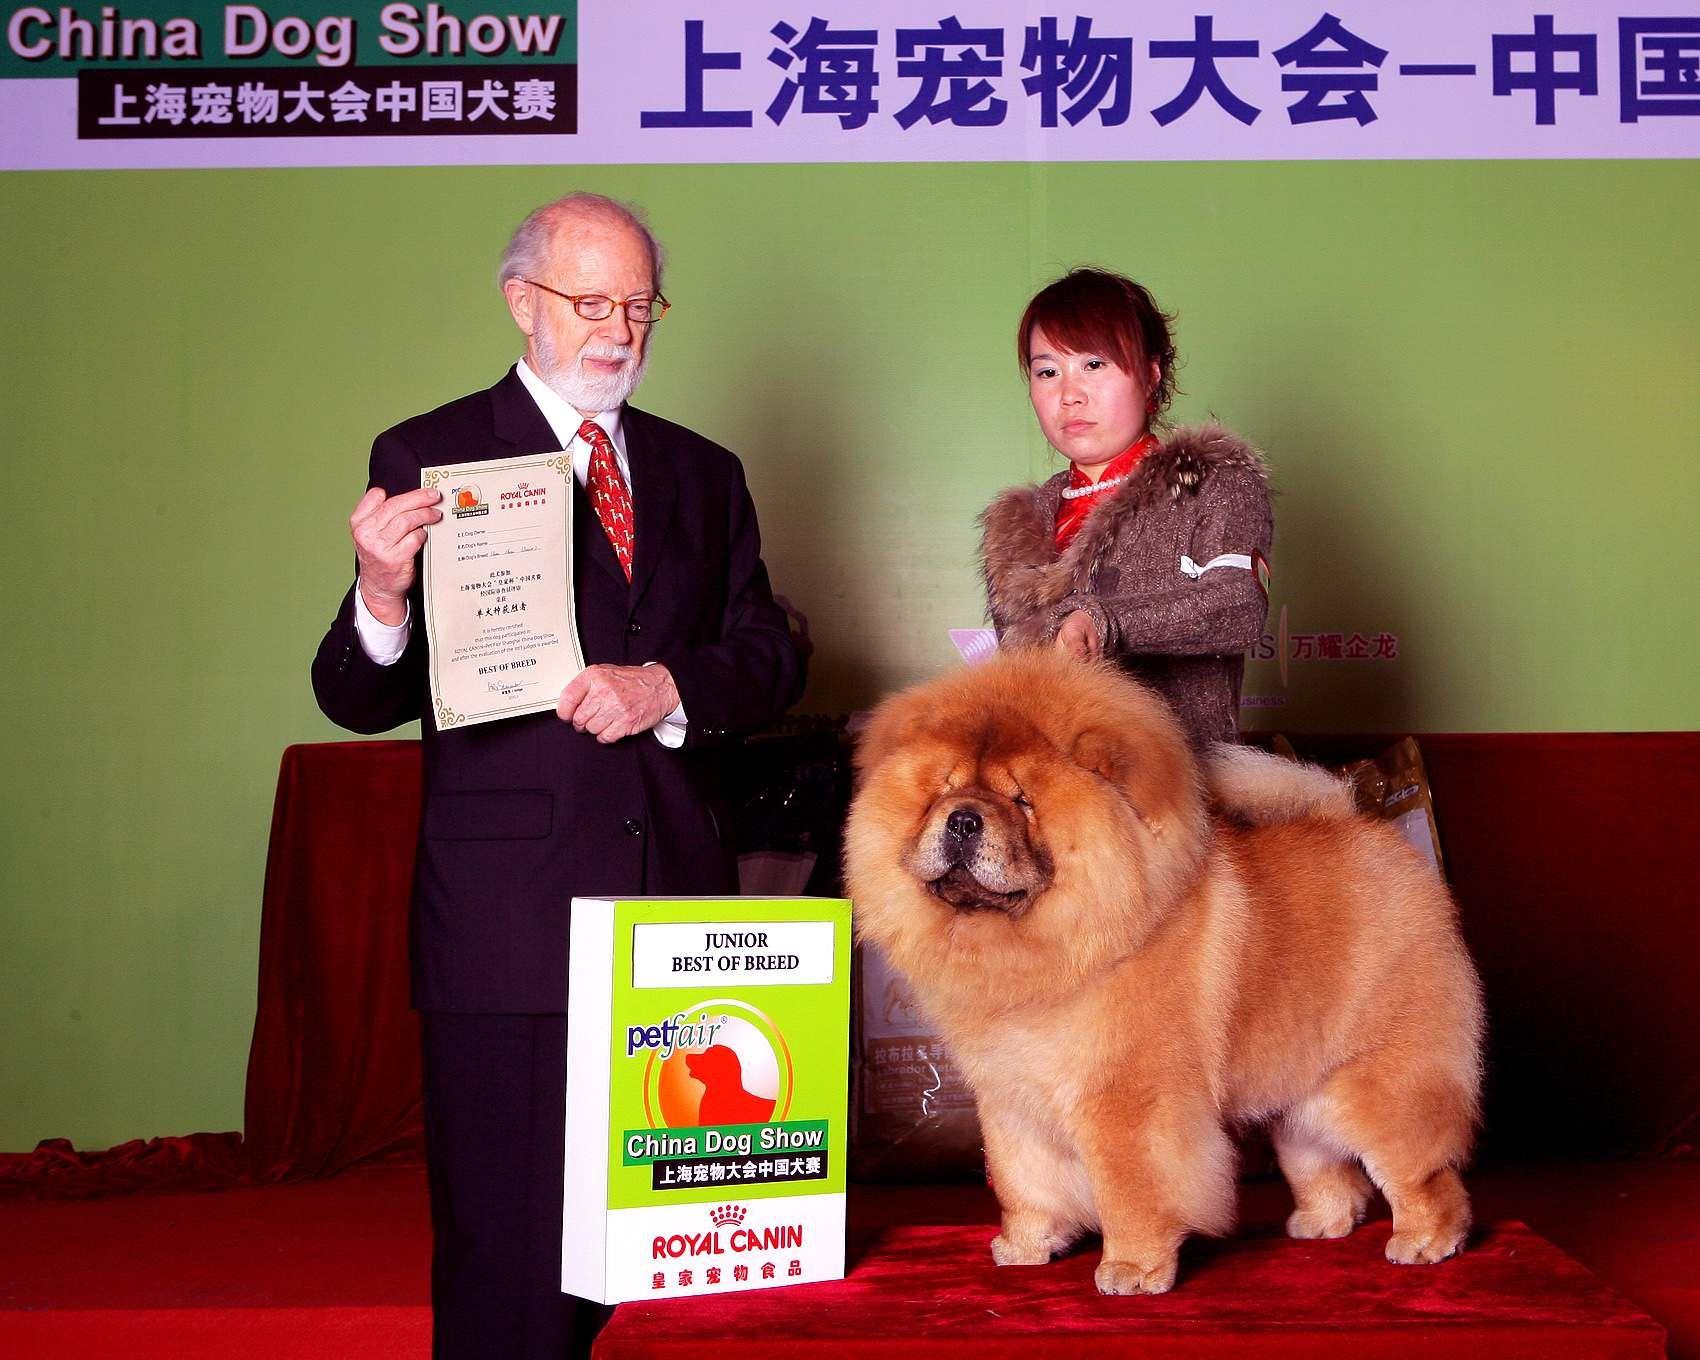 2010年3月13日上海宠物大会战神获非运动组冠军图片